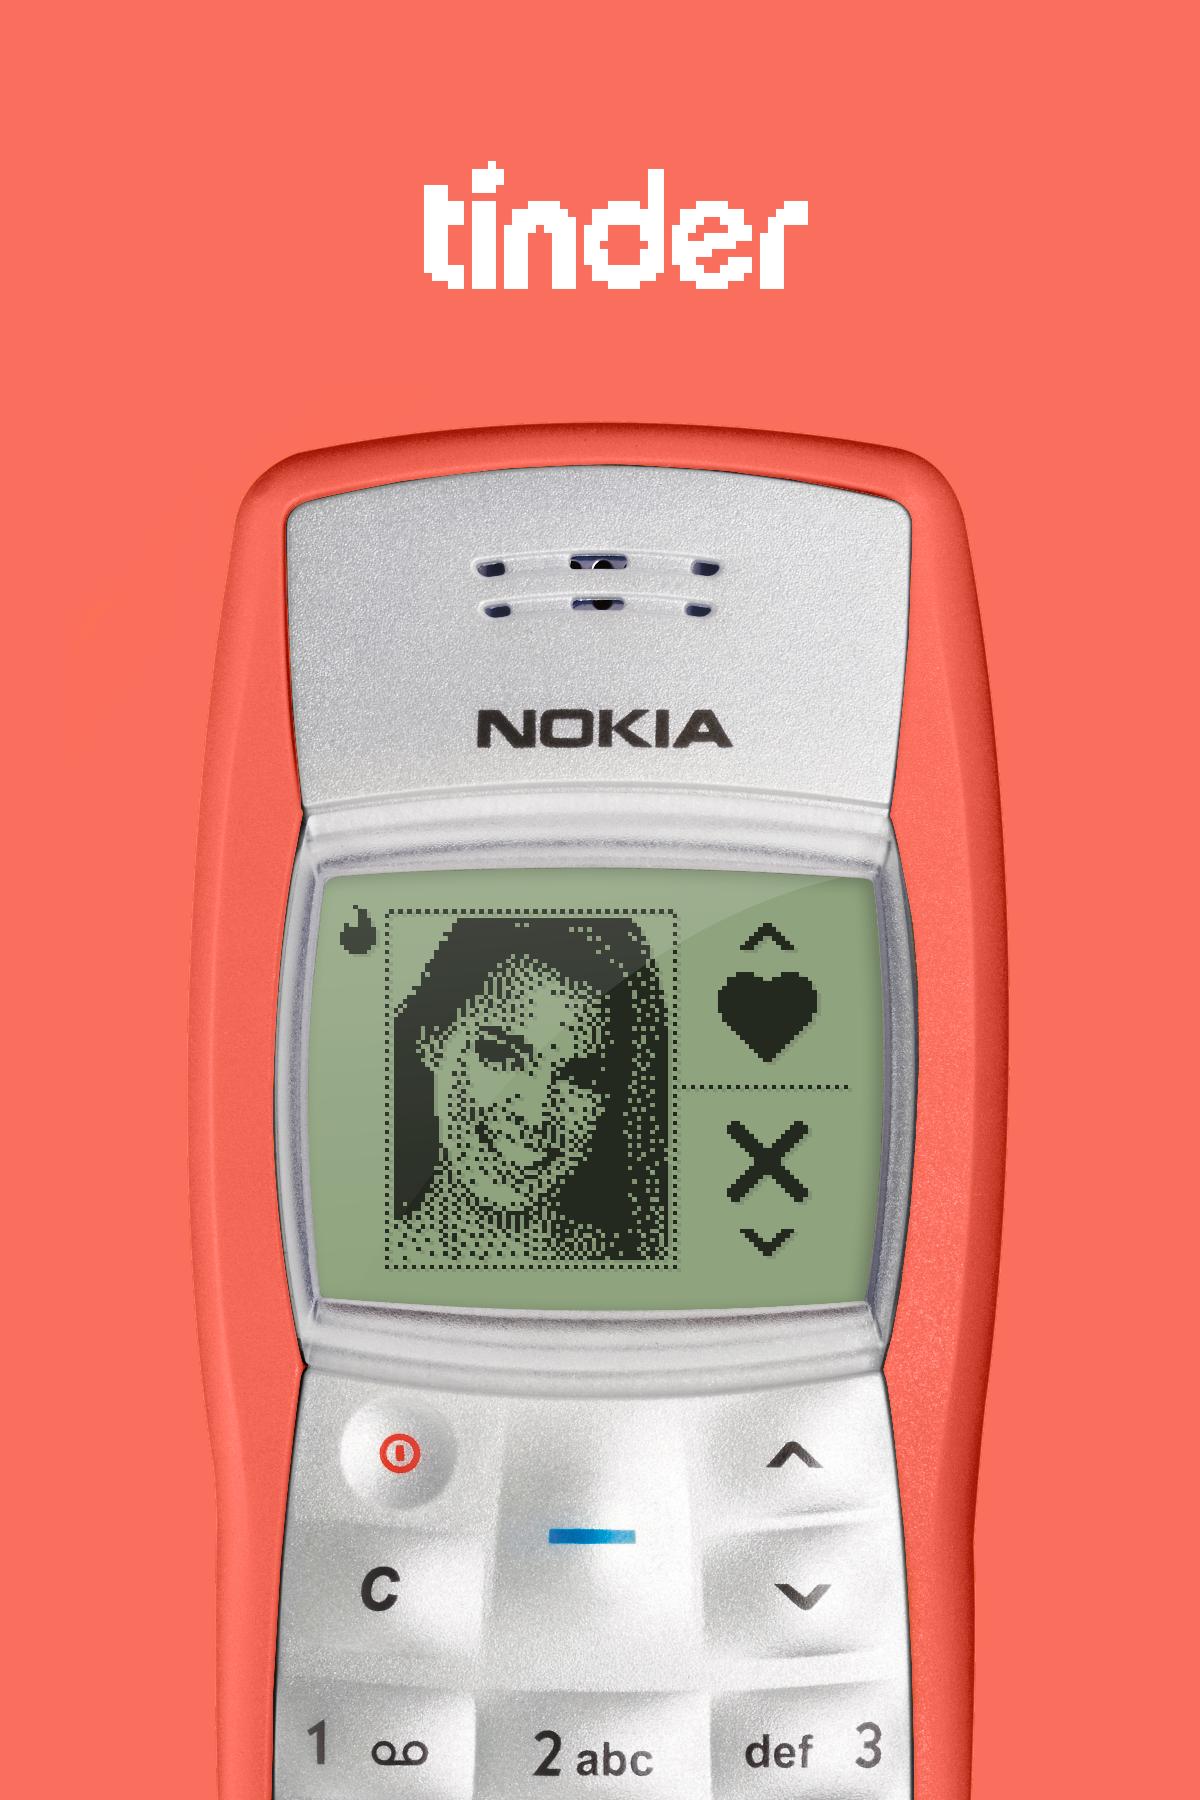 Nokia Tinder